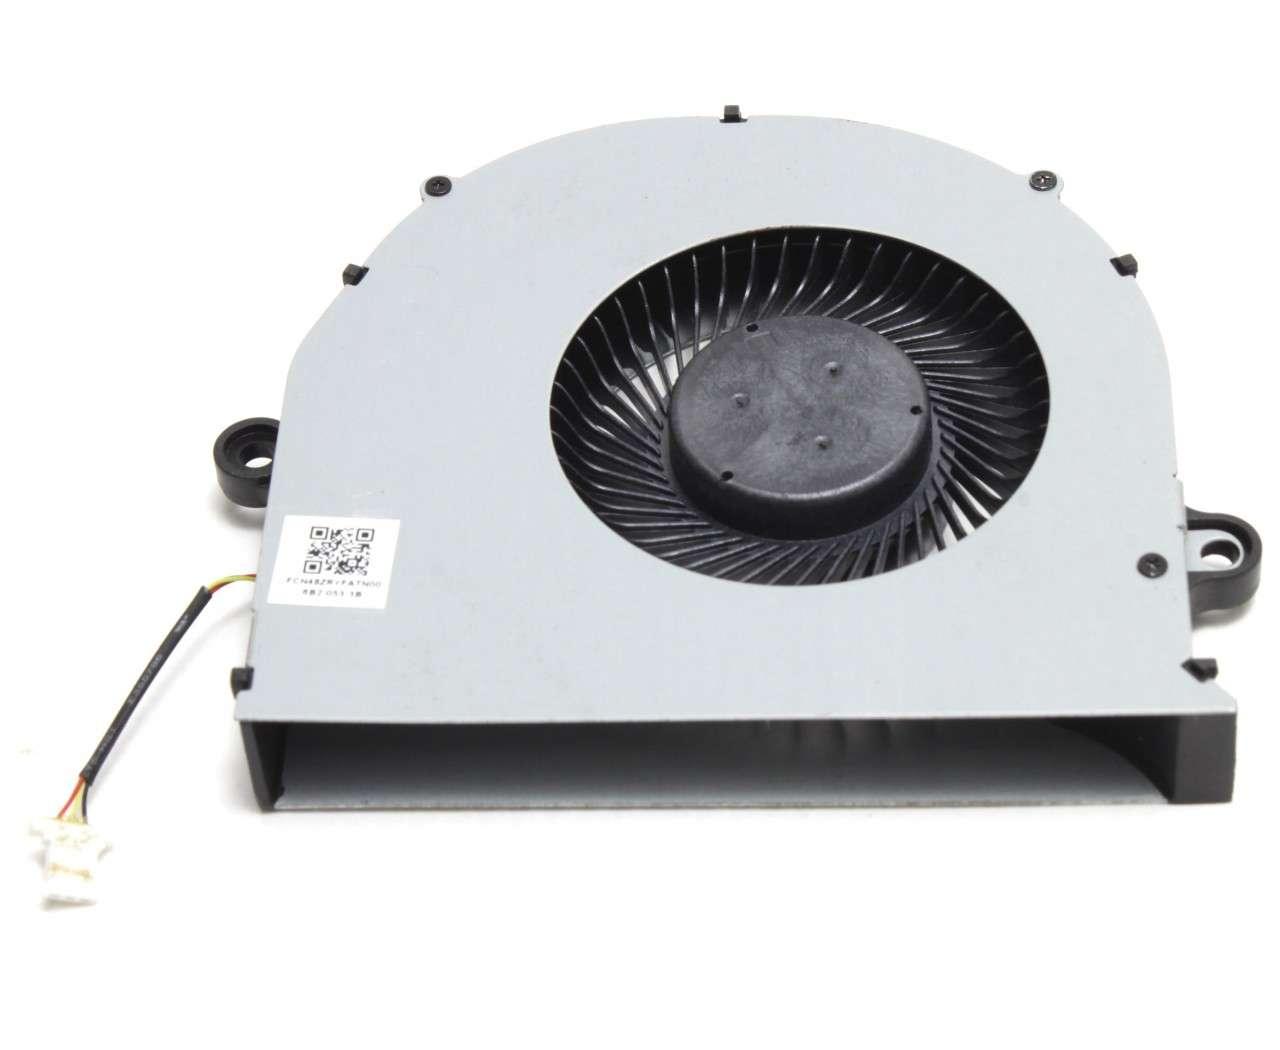 Cooler laptop Acer Aspire F5-571 12mm grosime imagine powerlaptop.ro 2021